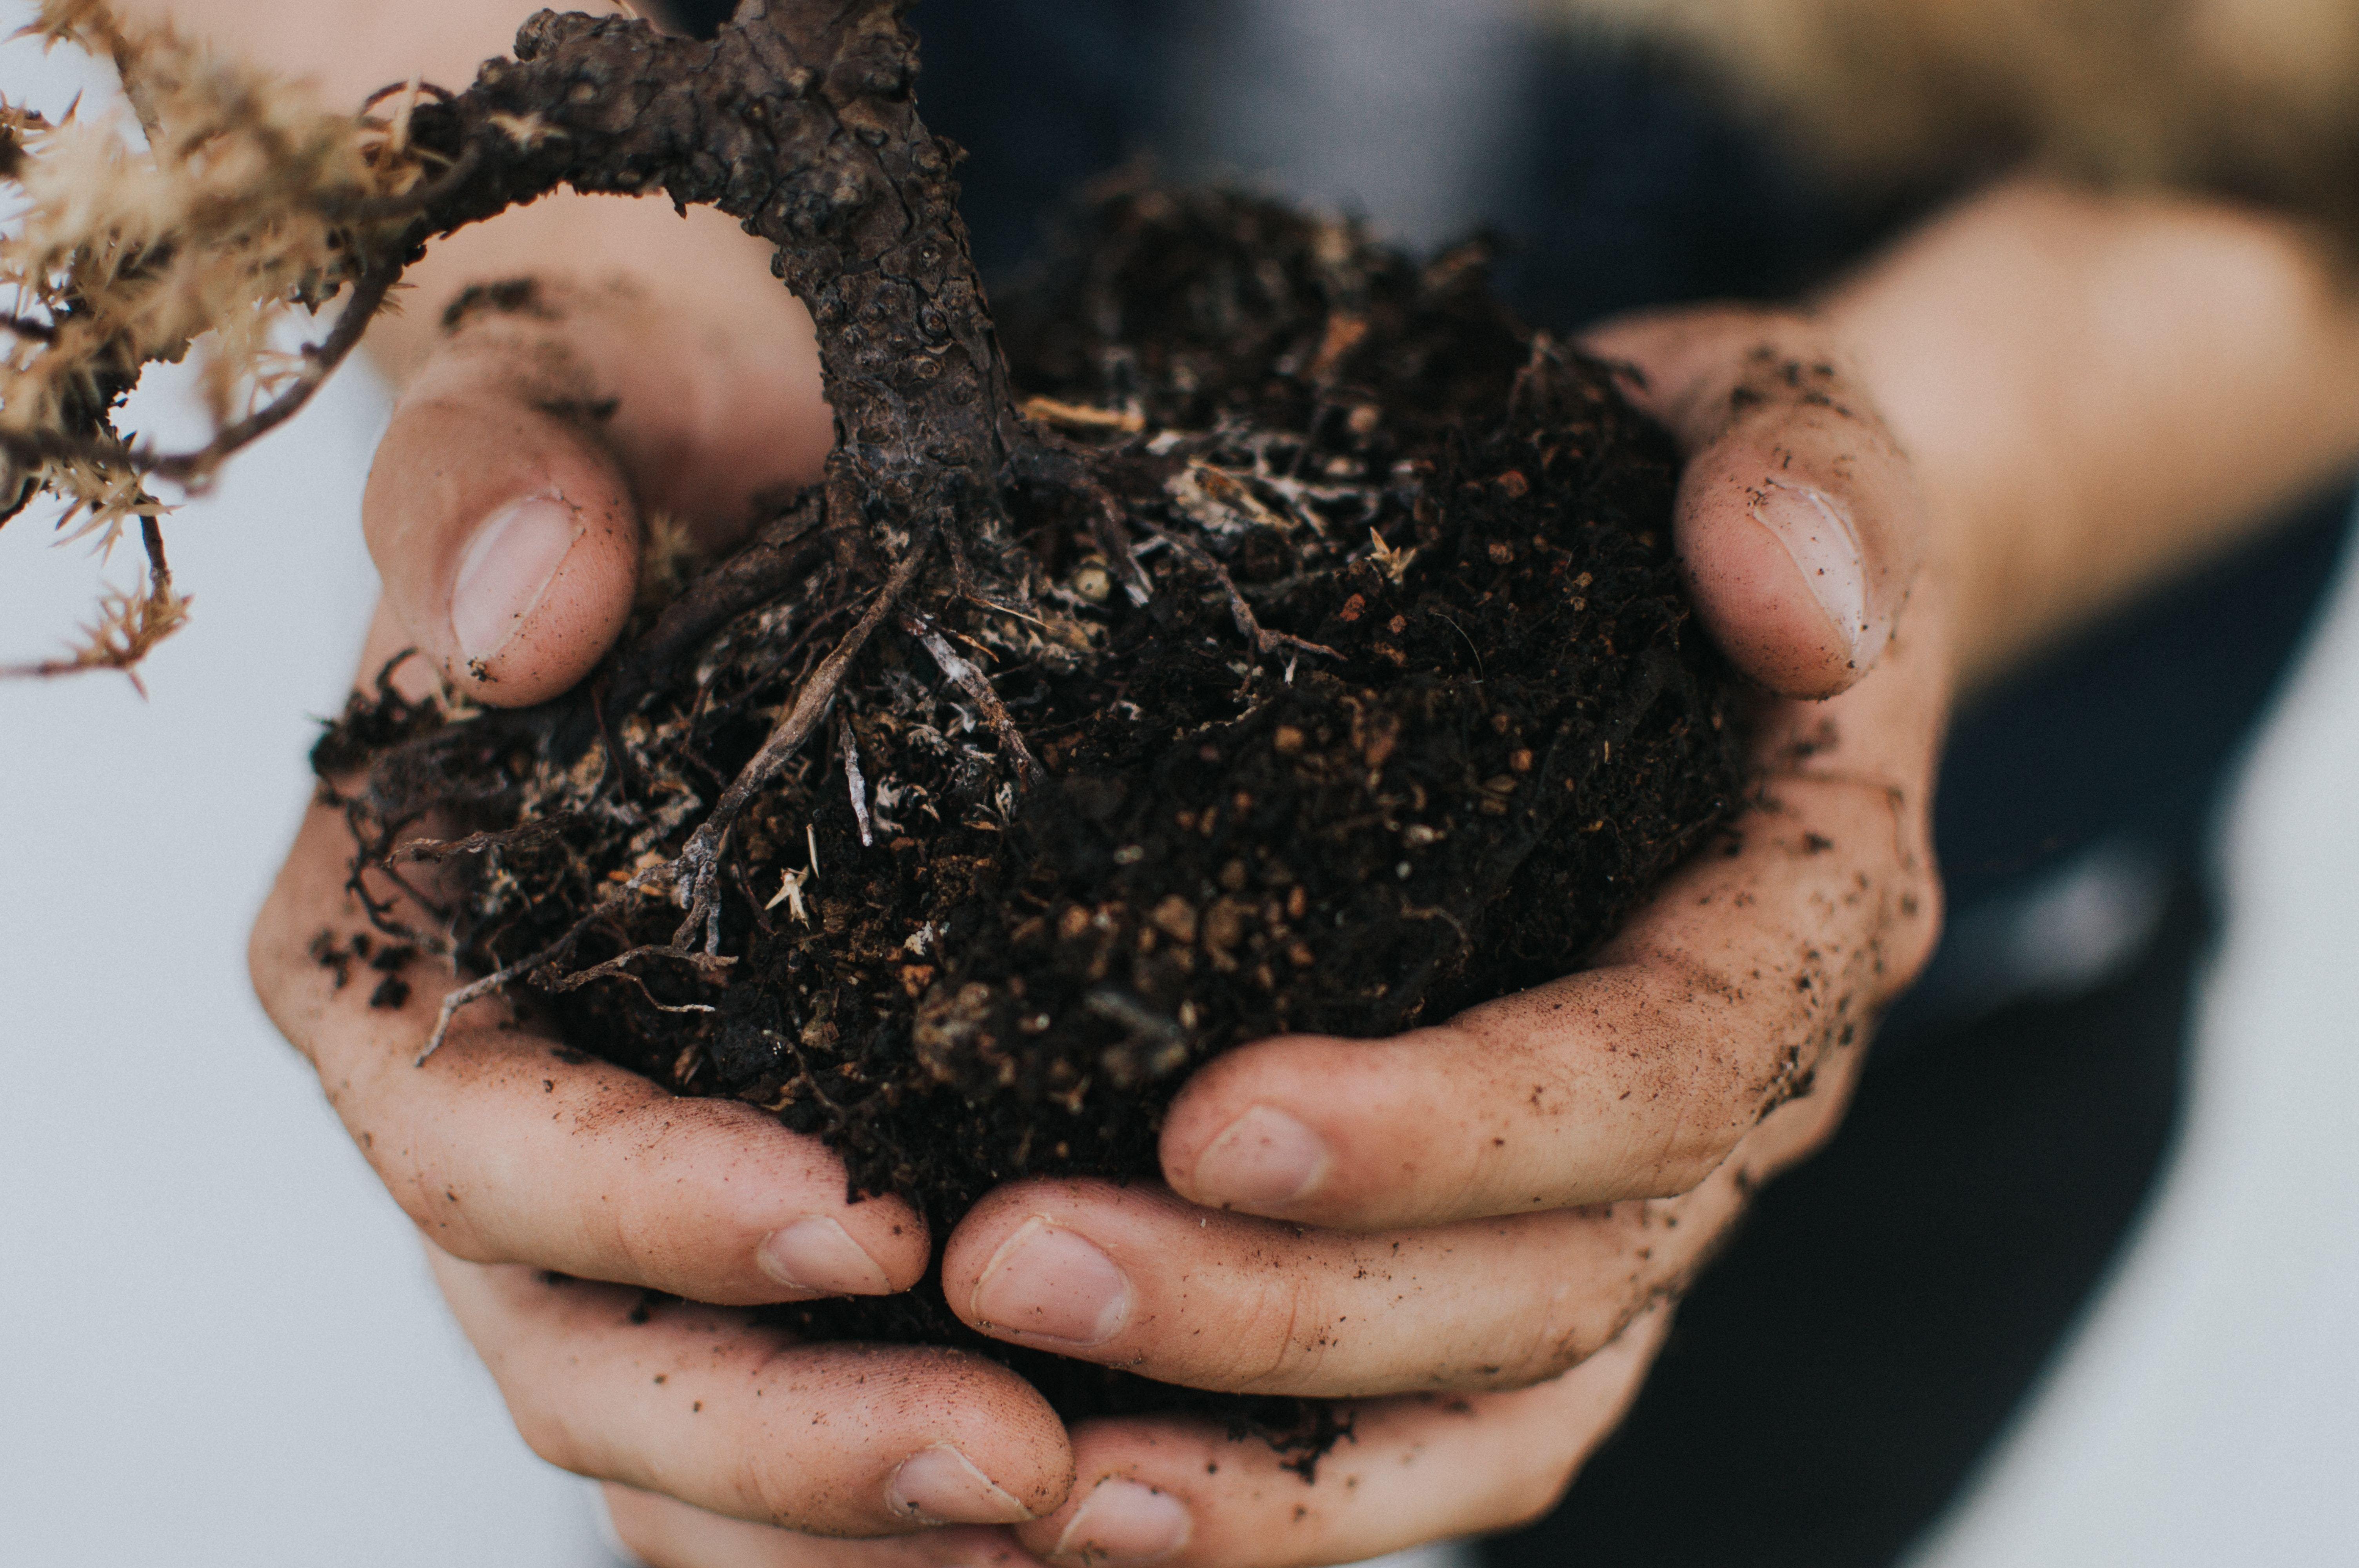 Garten: Der grüne Daumen juckt? Erst fragen! Sträucher, Büsche oder Bäume rausreißen oder neu  pflanzen, ist nur mit Zustimmung des Vermieters erlaubt. Blumen- und Gemüsebeete darfst du hingegen ohne Absprache anlegen.